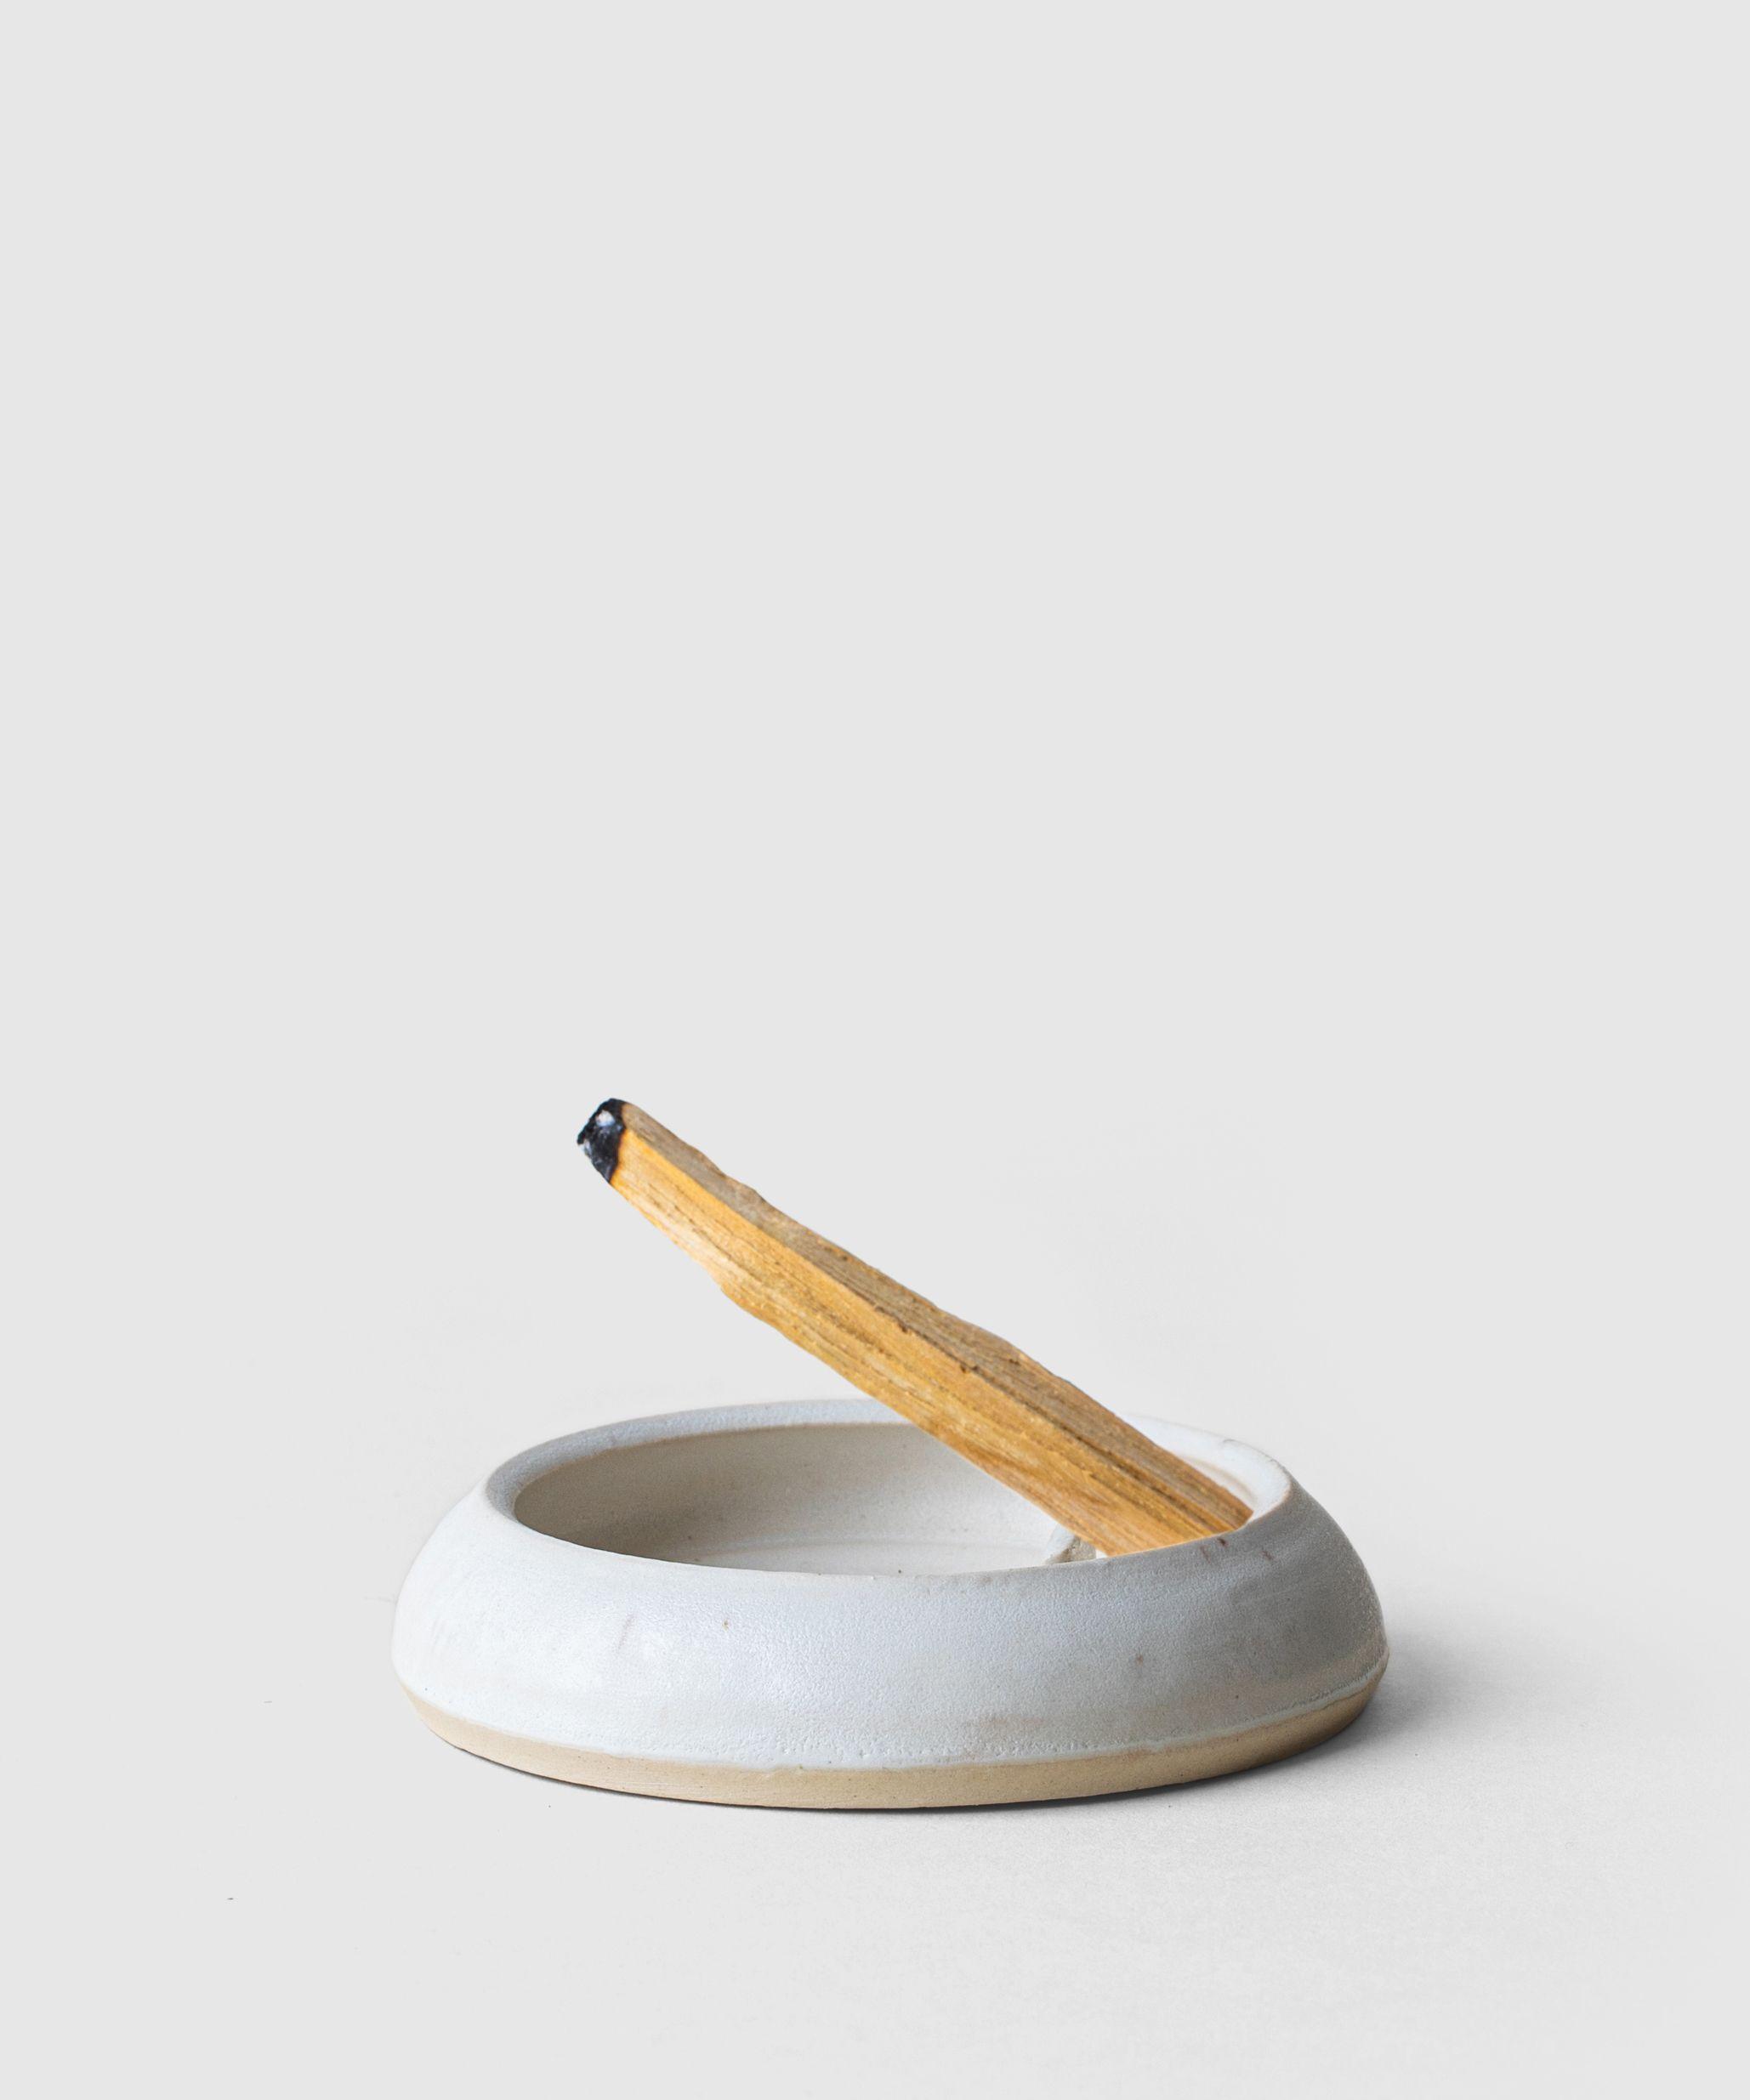 Incense burner. Handmade pottery teal compass rose incense holder